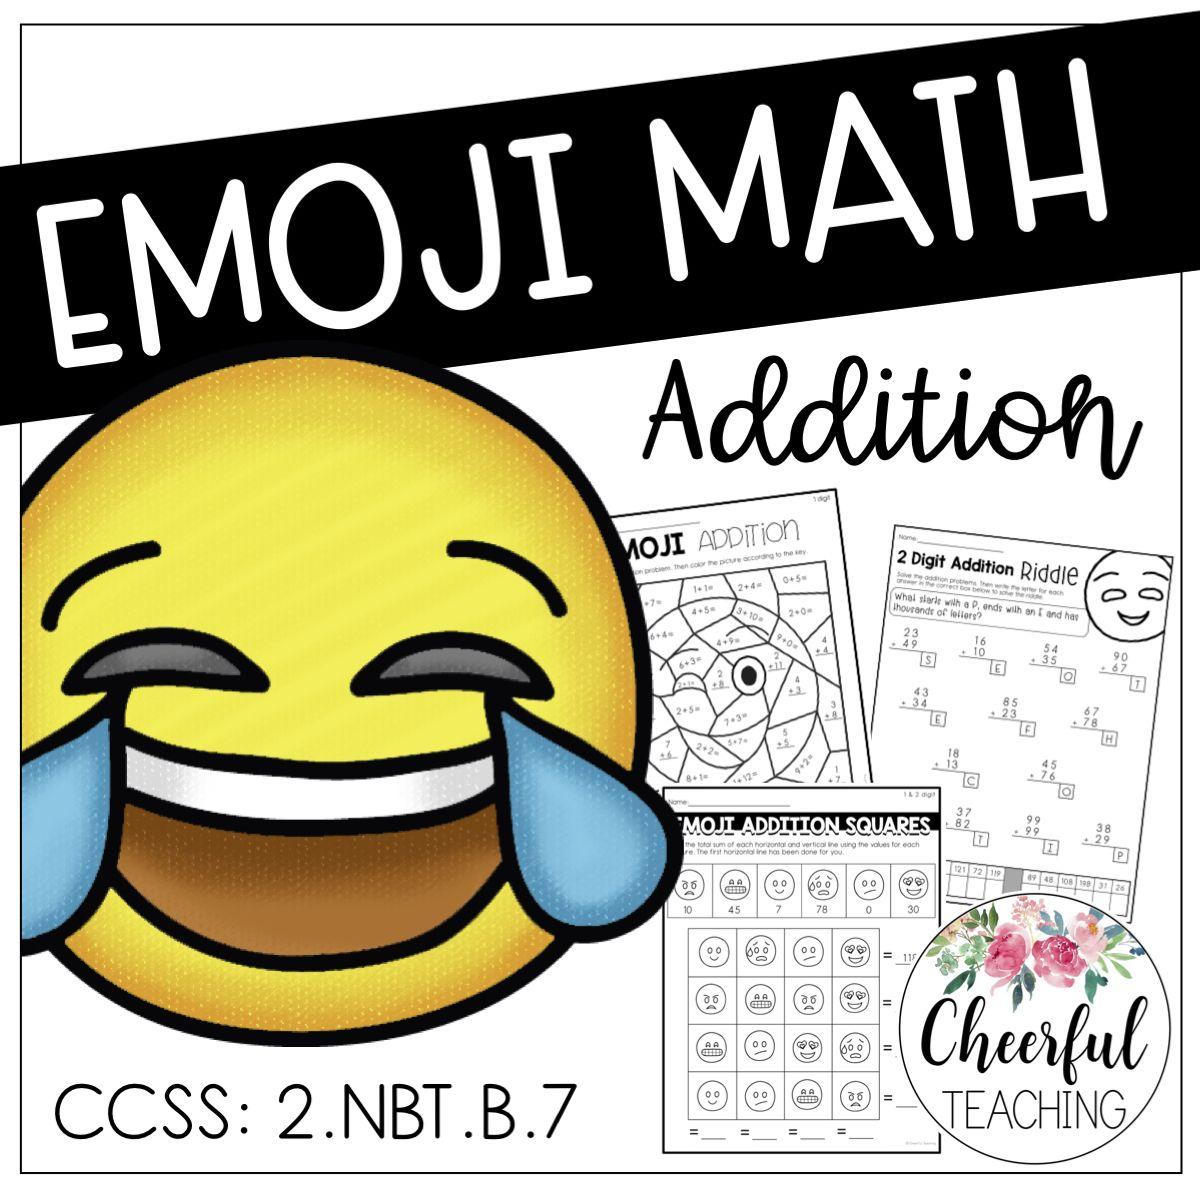 Emoji Math Addition